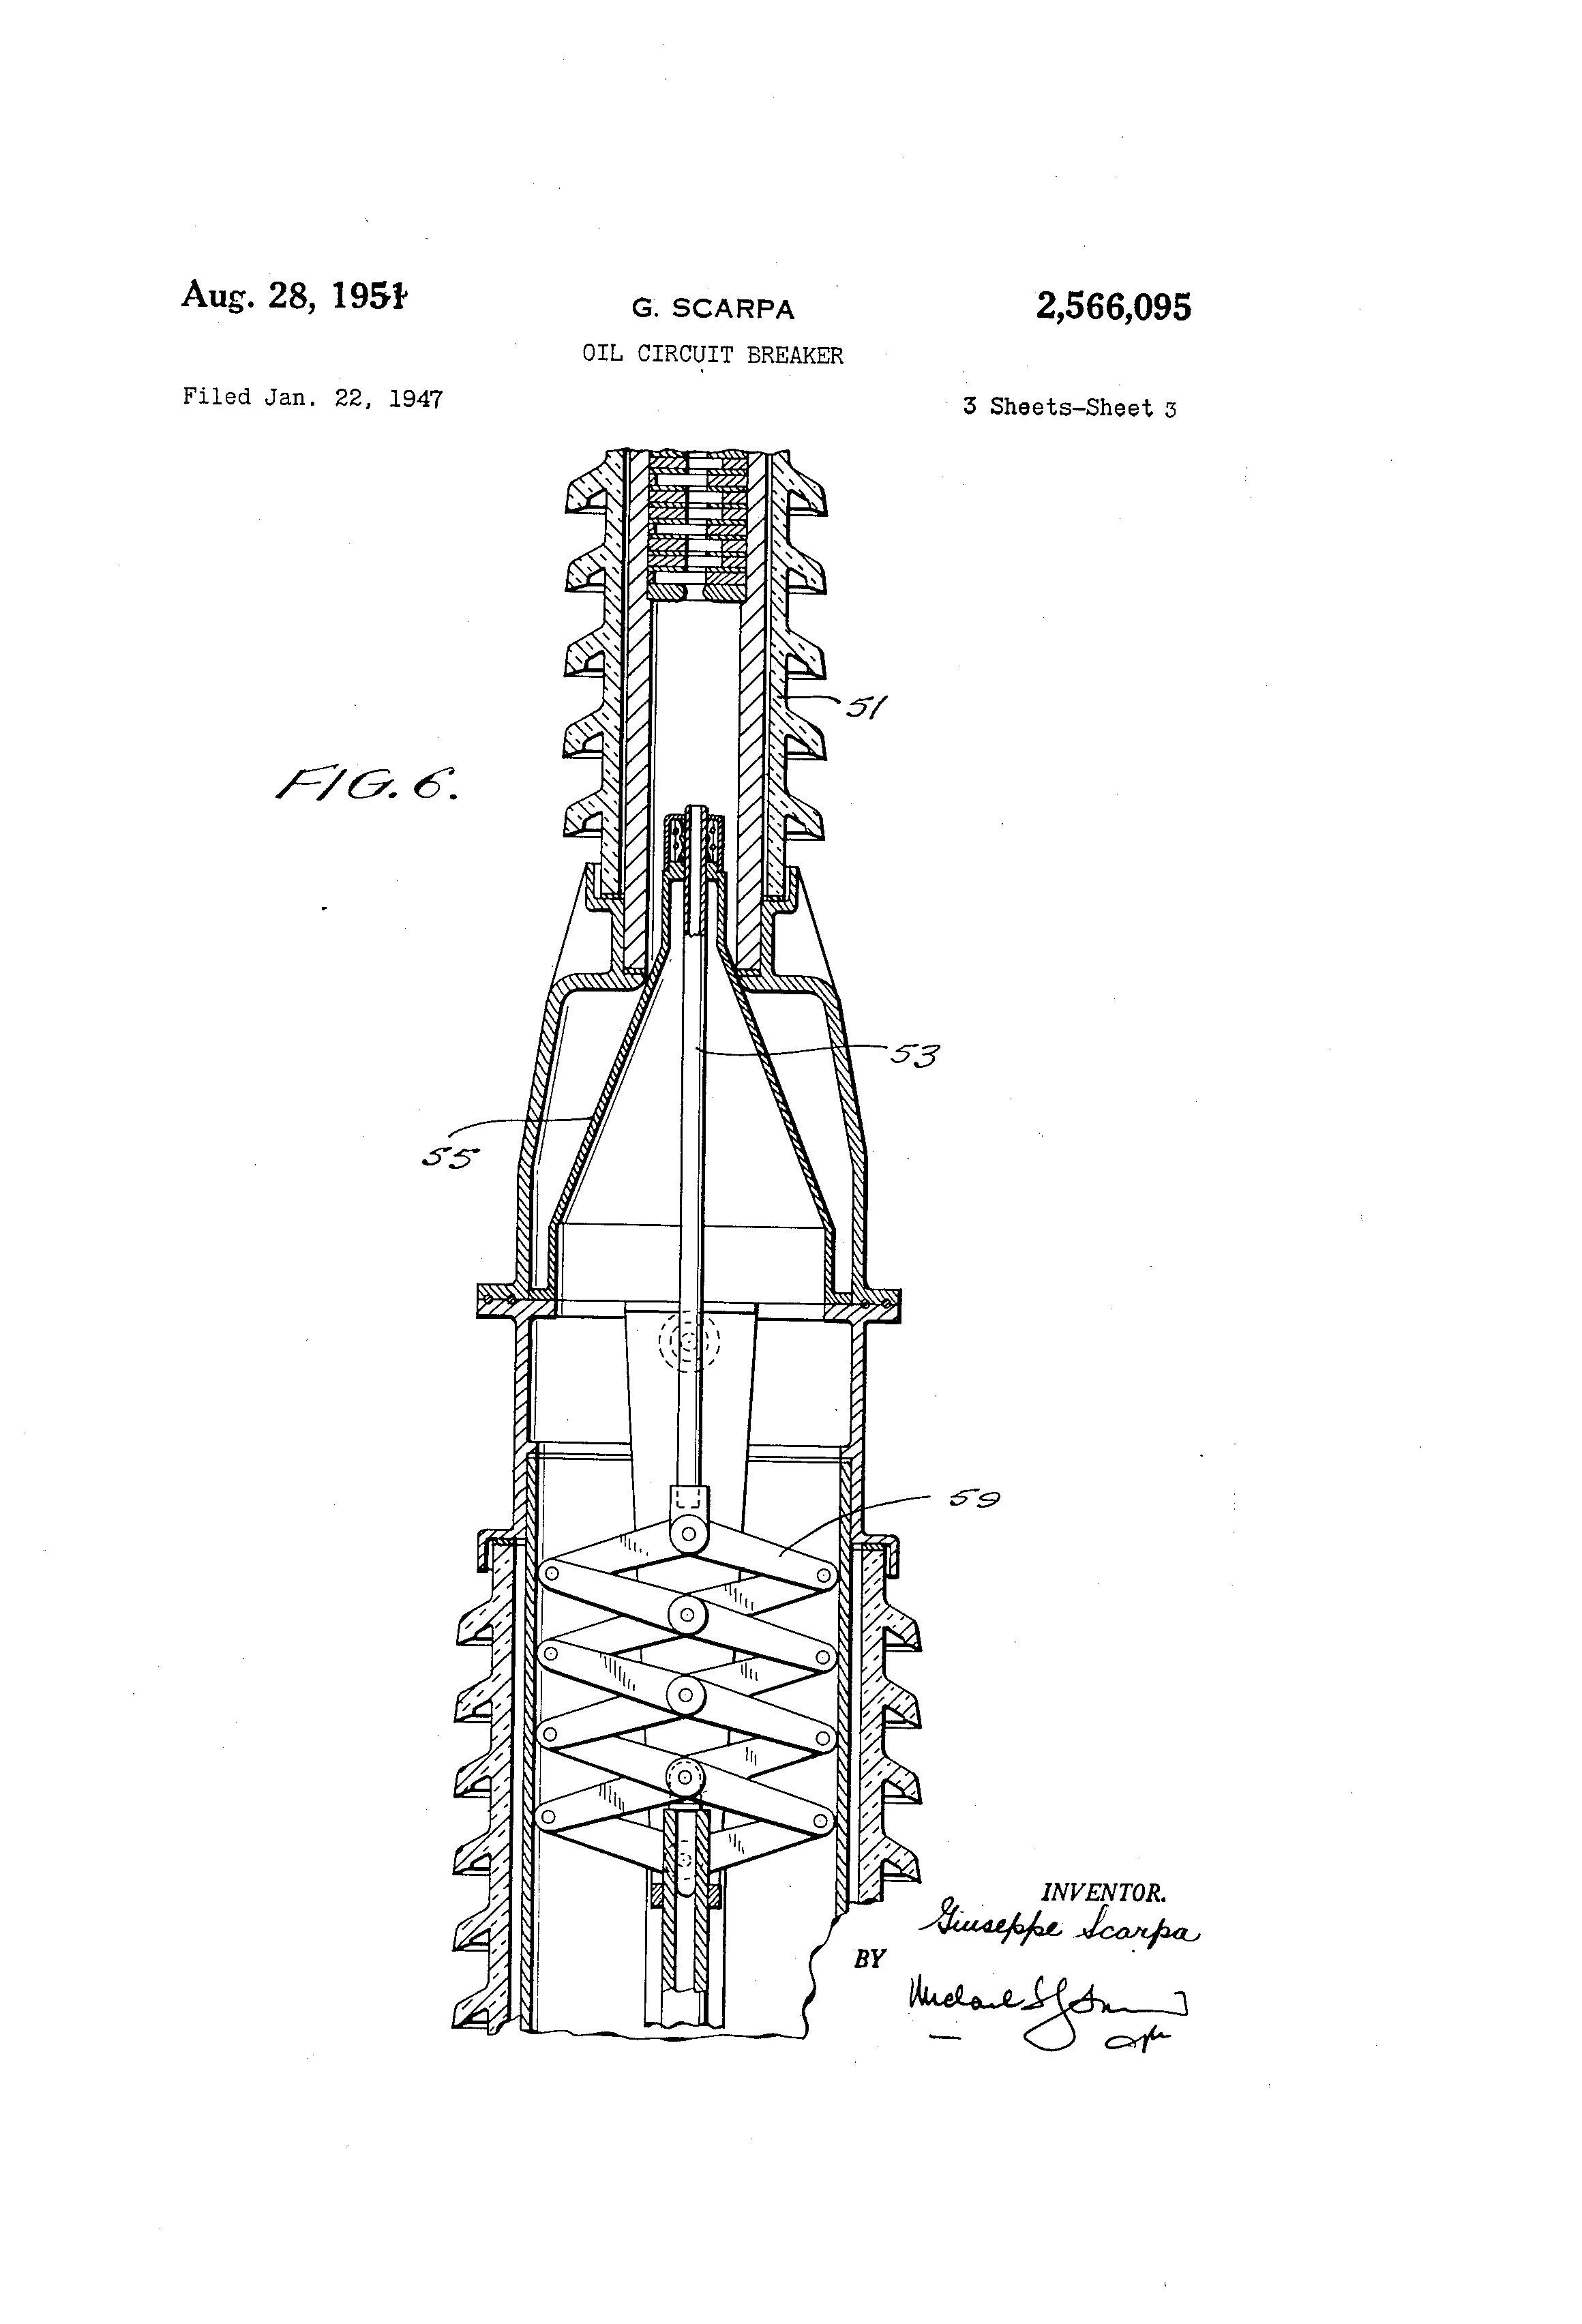 patent us2566095 - oil circuit breaker